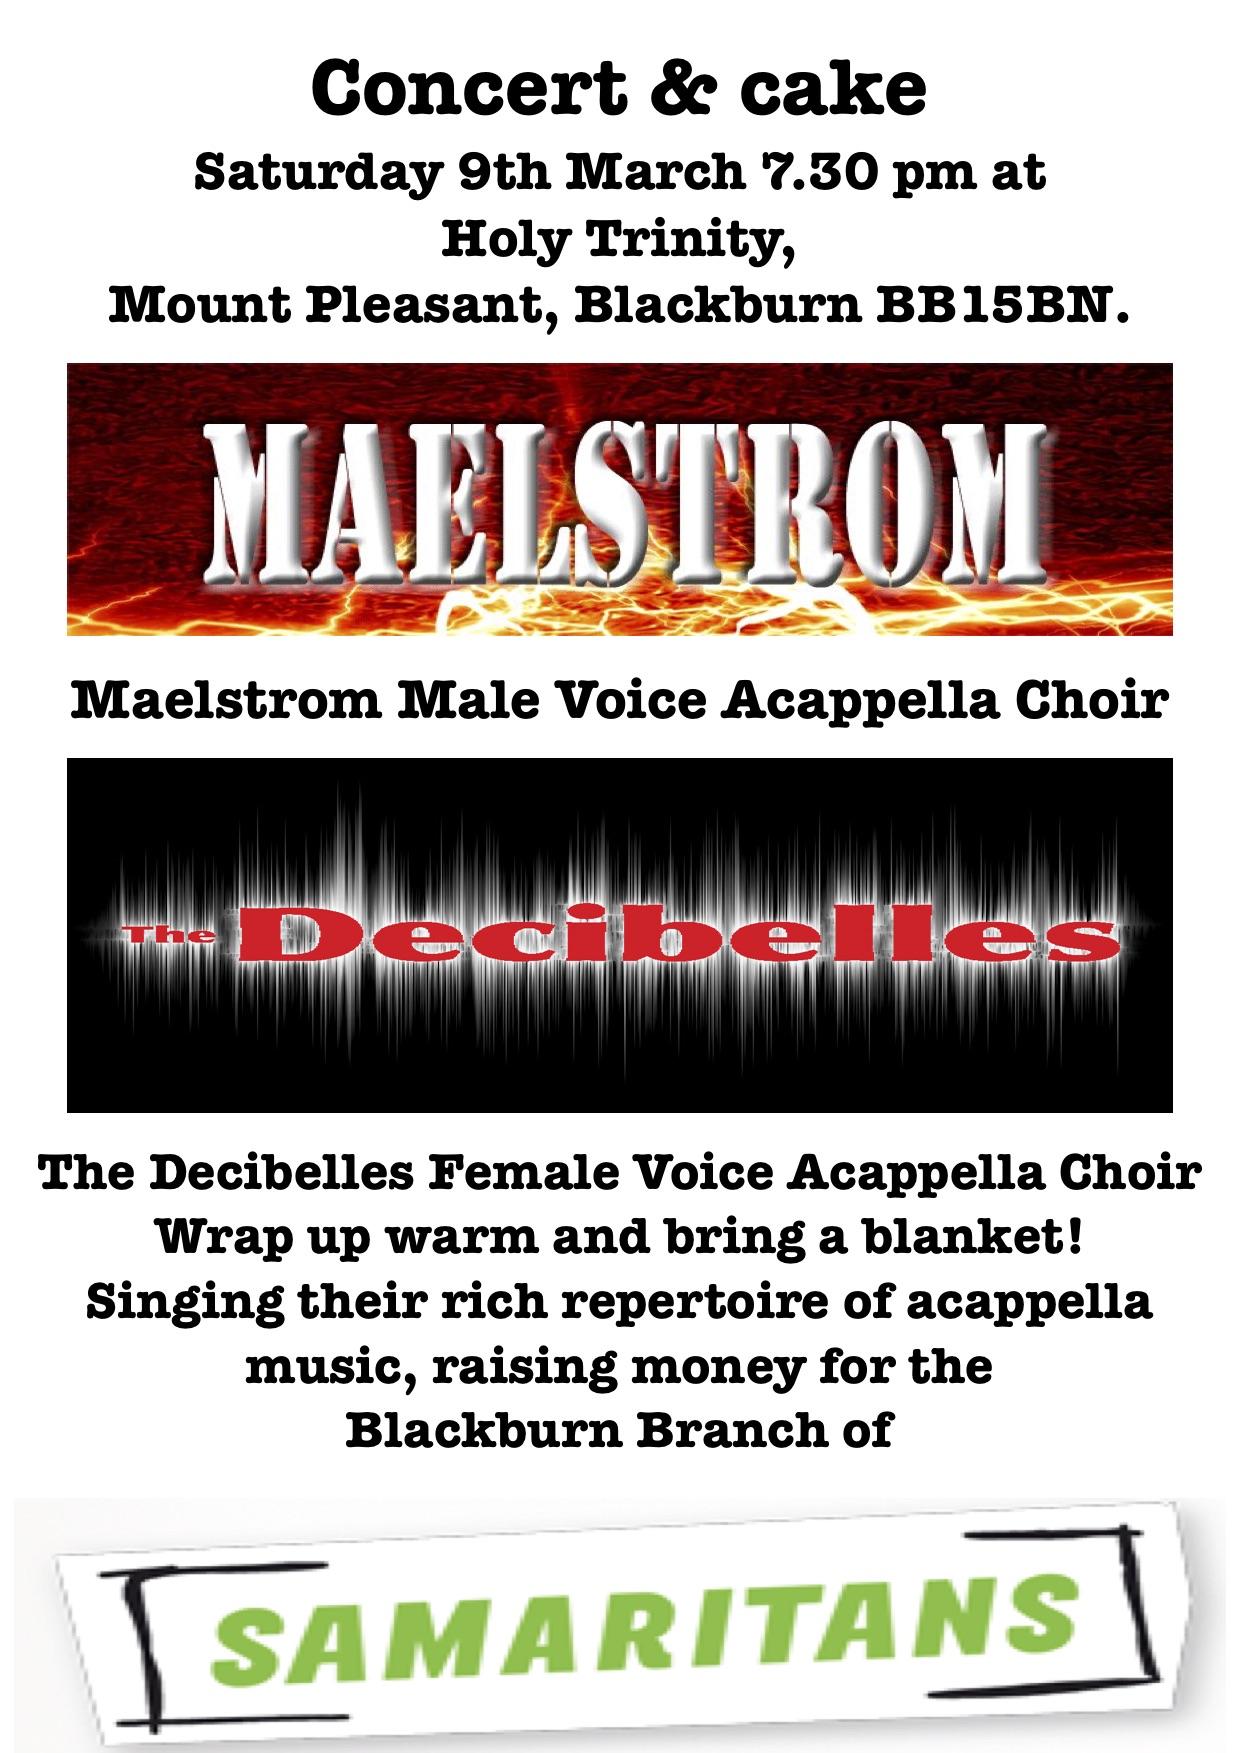 Blackburn Peoples Choir